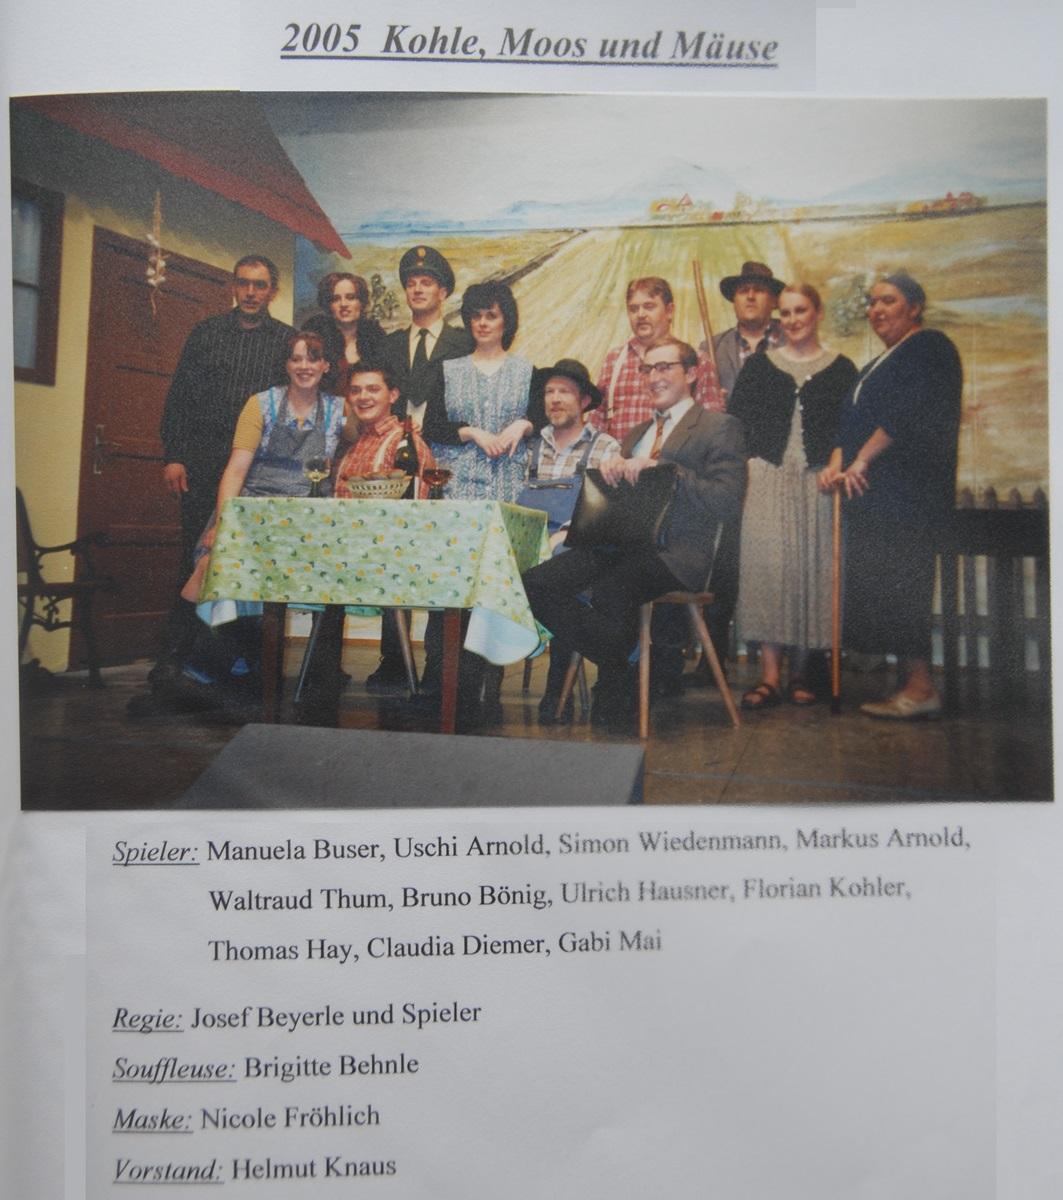 KSC-Theater-2005-Kohle-Moos-und-Maeuse